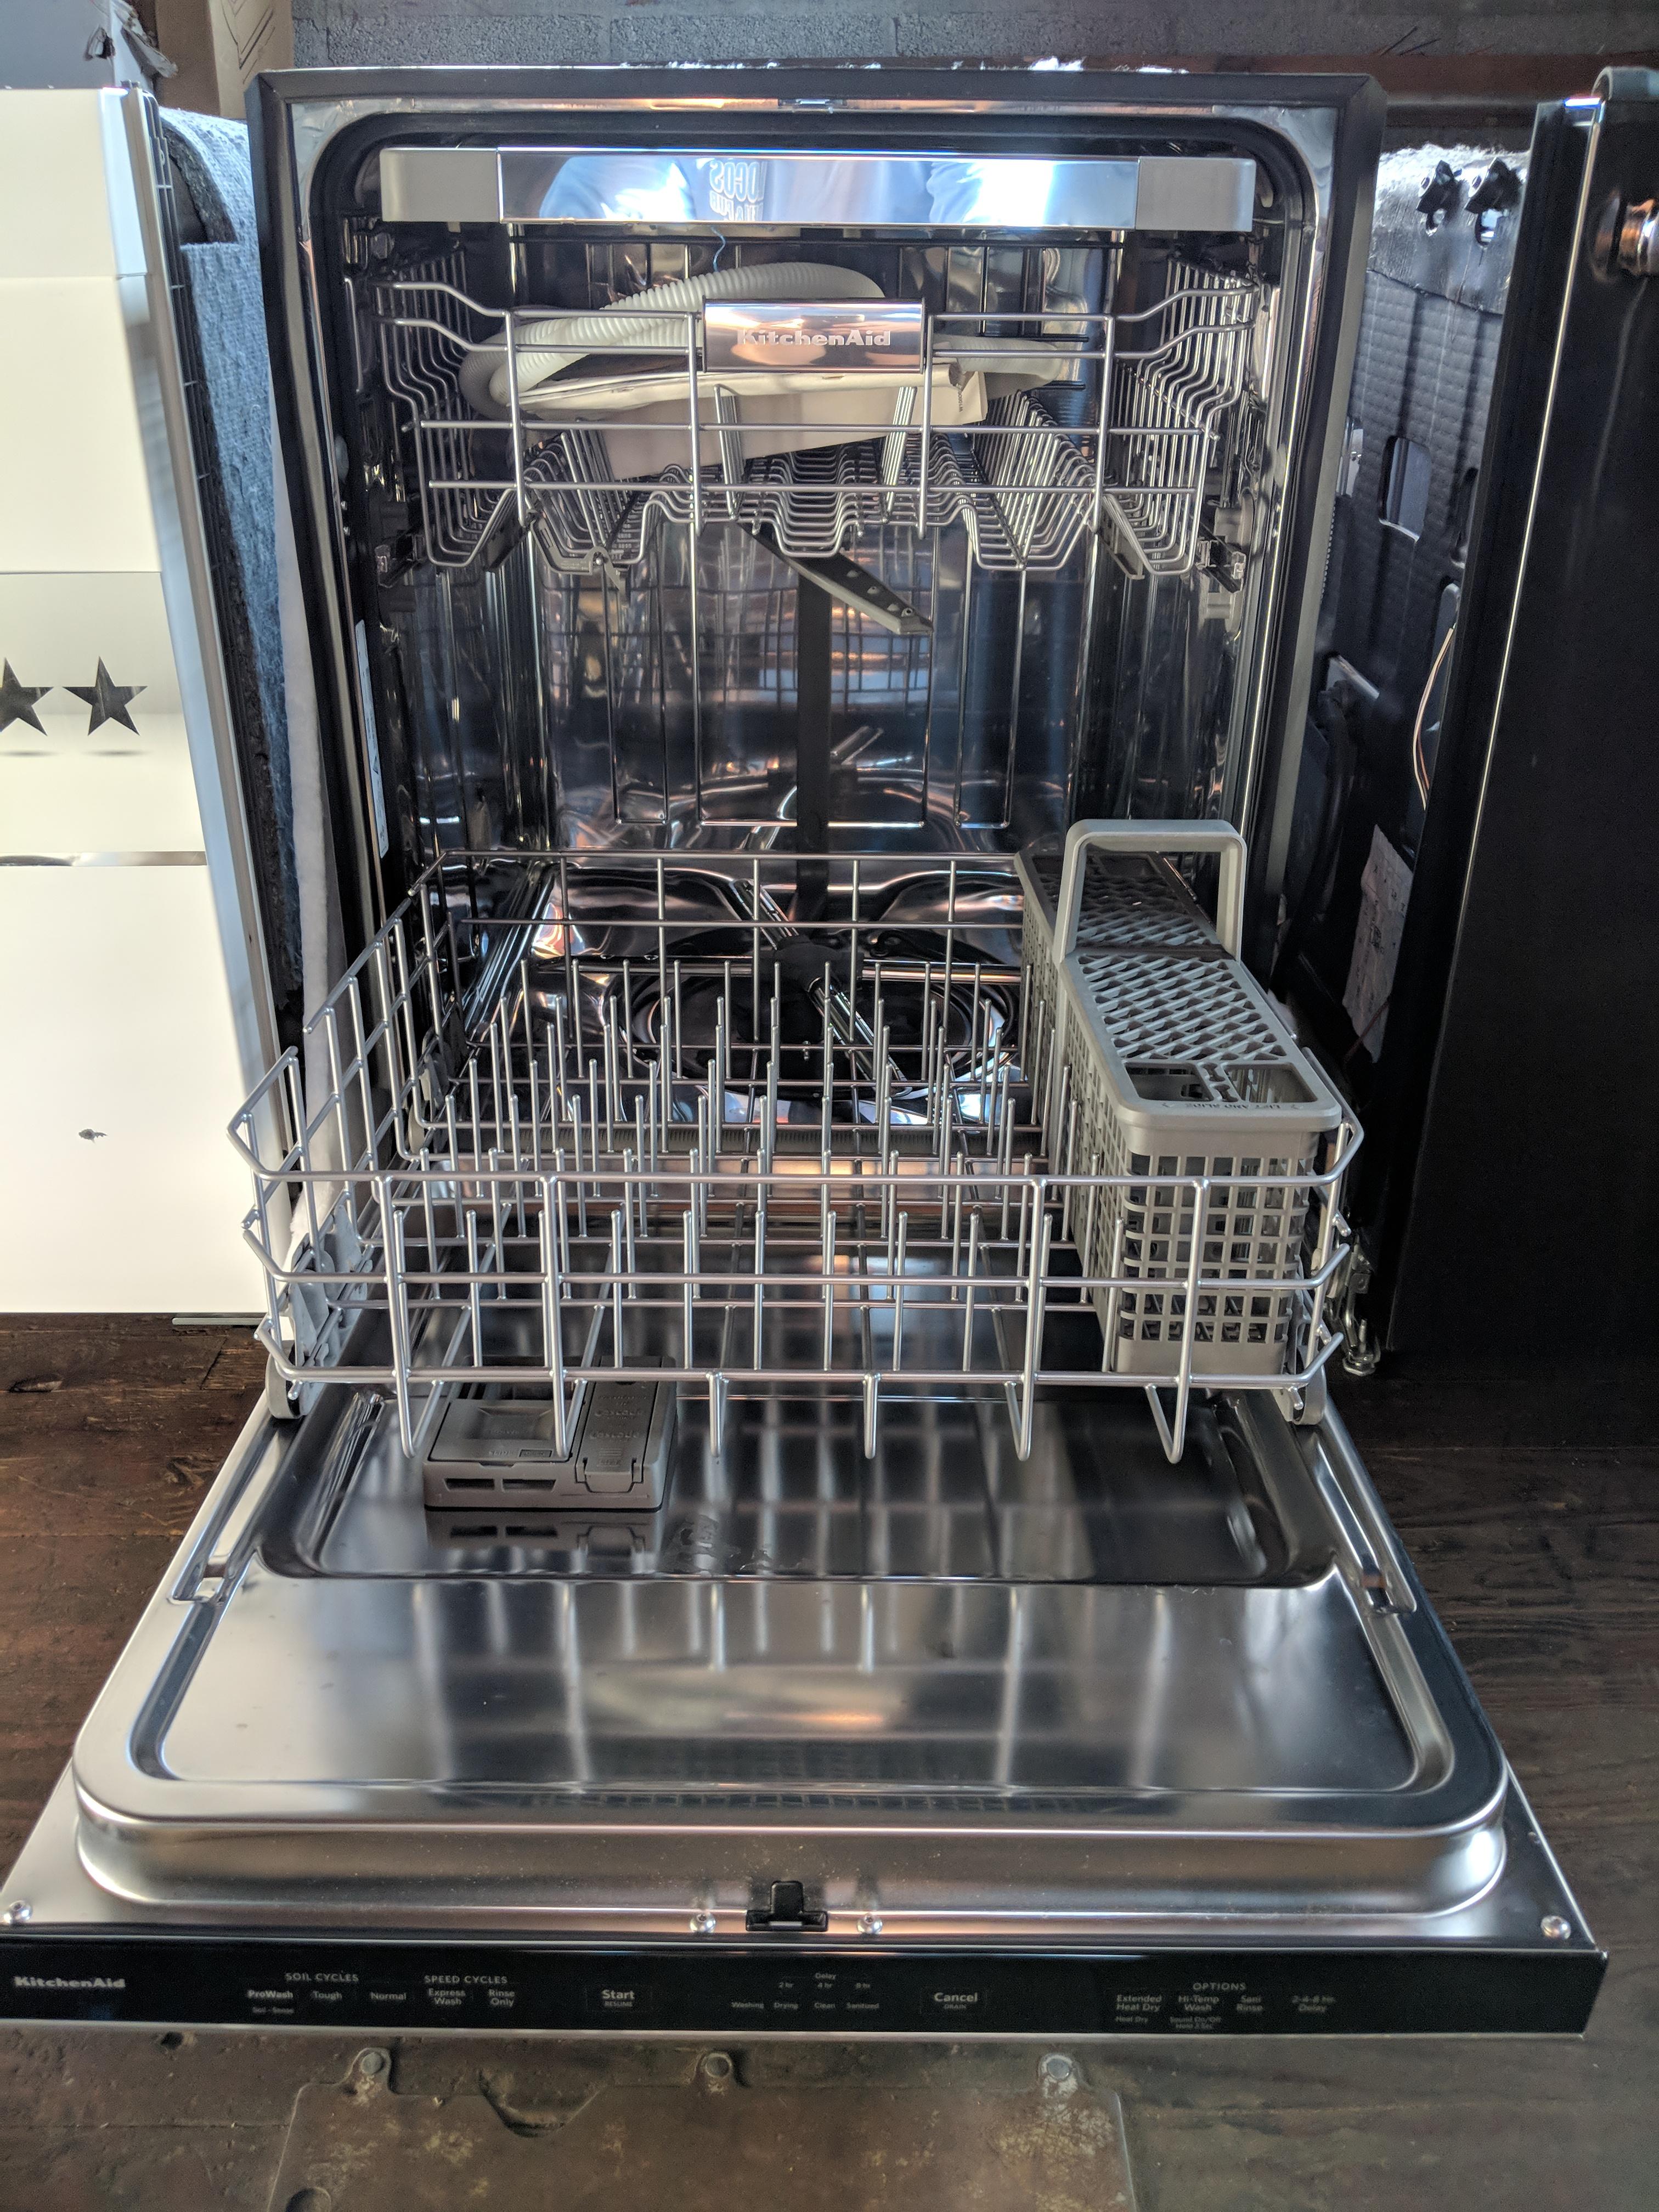 Sold New Kitchenaid 24 In Printshield Stainless Steel